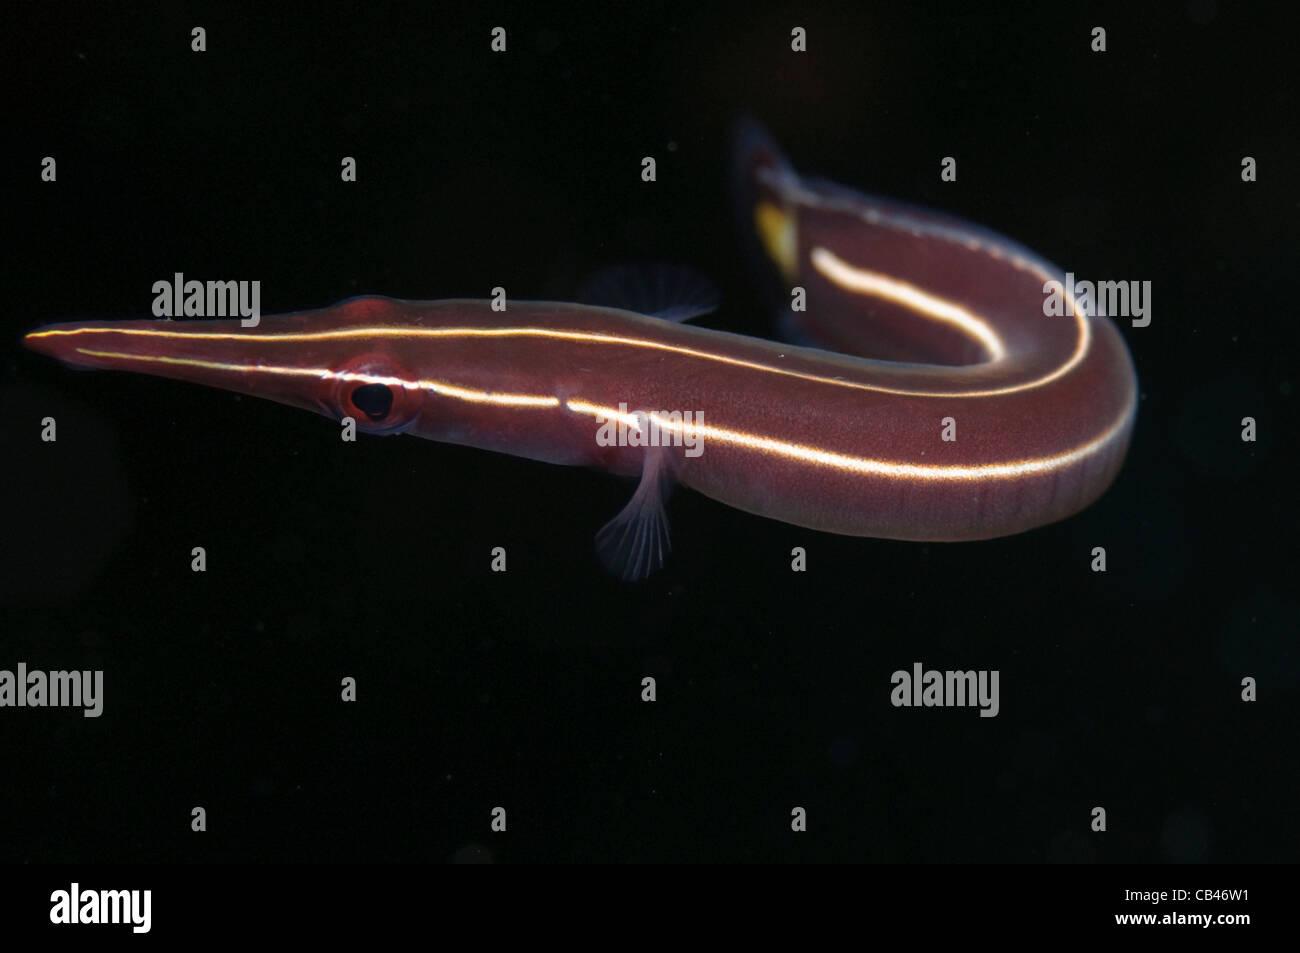 Scugnizzo clingfish, Diademichthys lineatus, Banda Neira, Banda Mare, Indonesia Orientale, Oceano Pacifico Immagini Stock